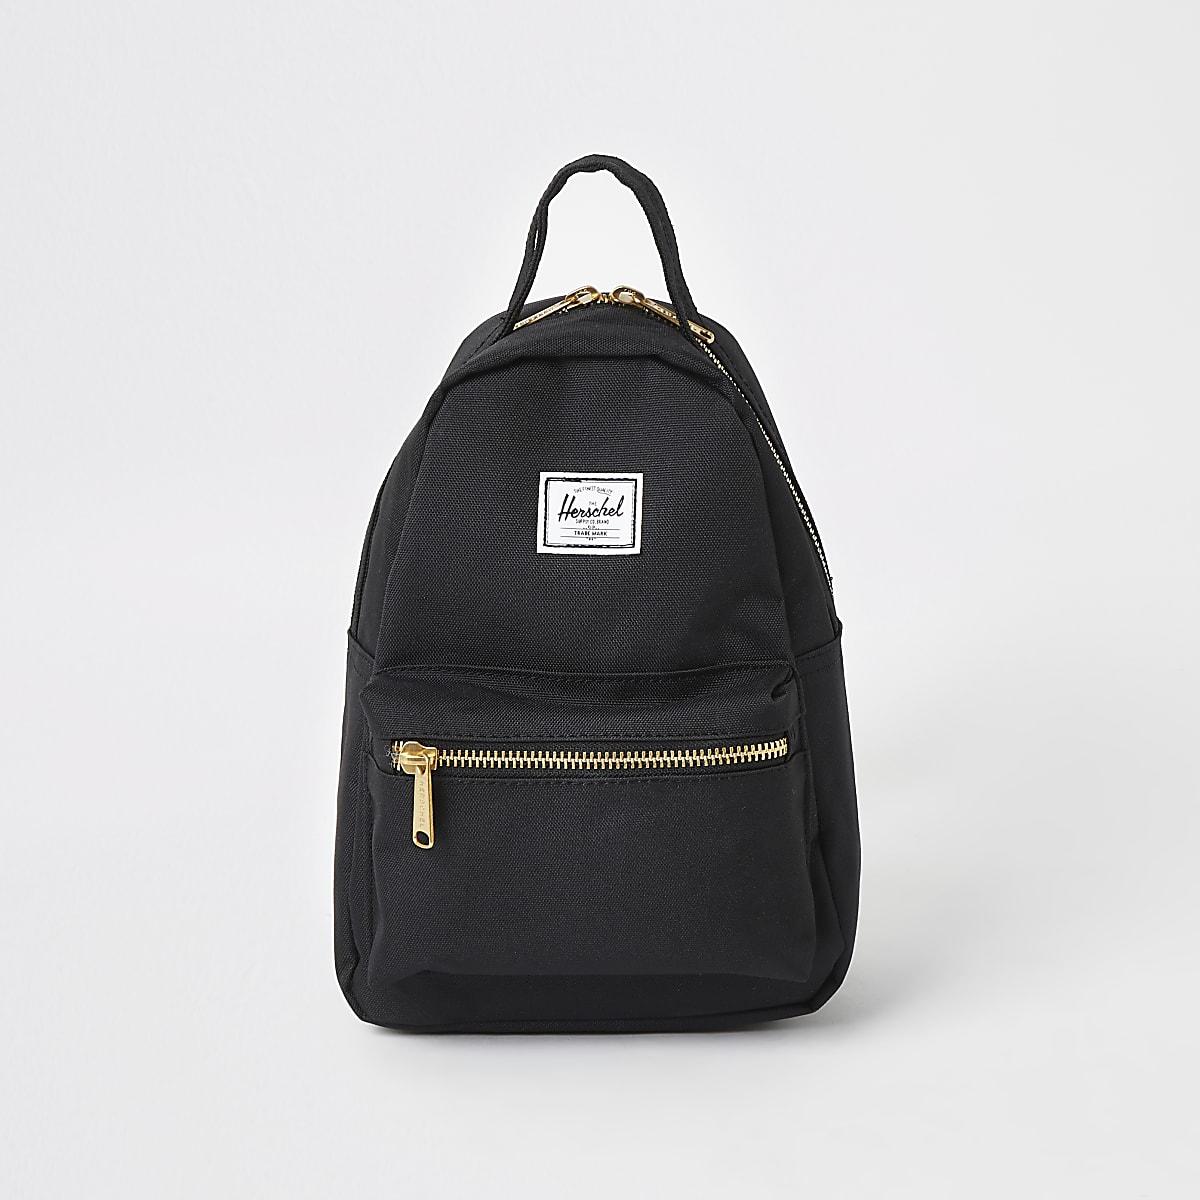 Herschel black Nova backpack